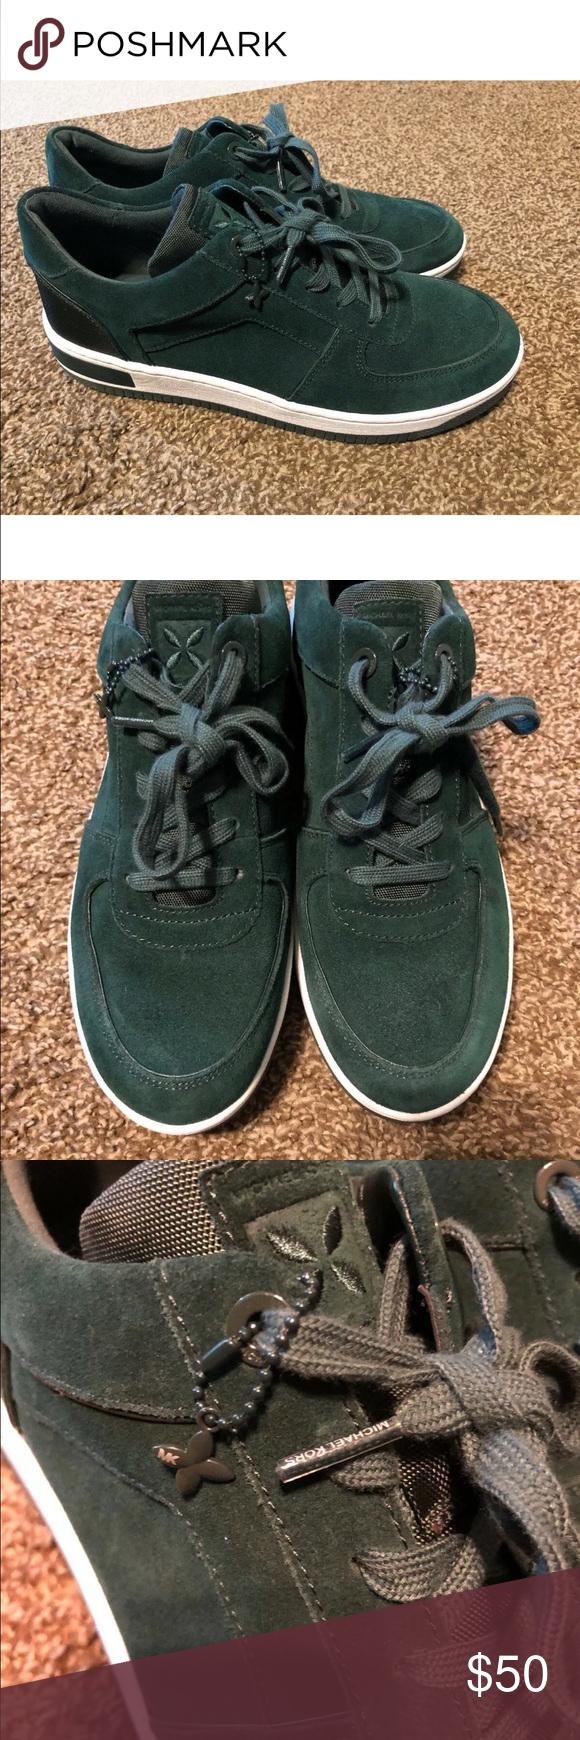 michael kors jaden suede sneaker